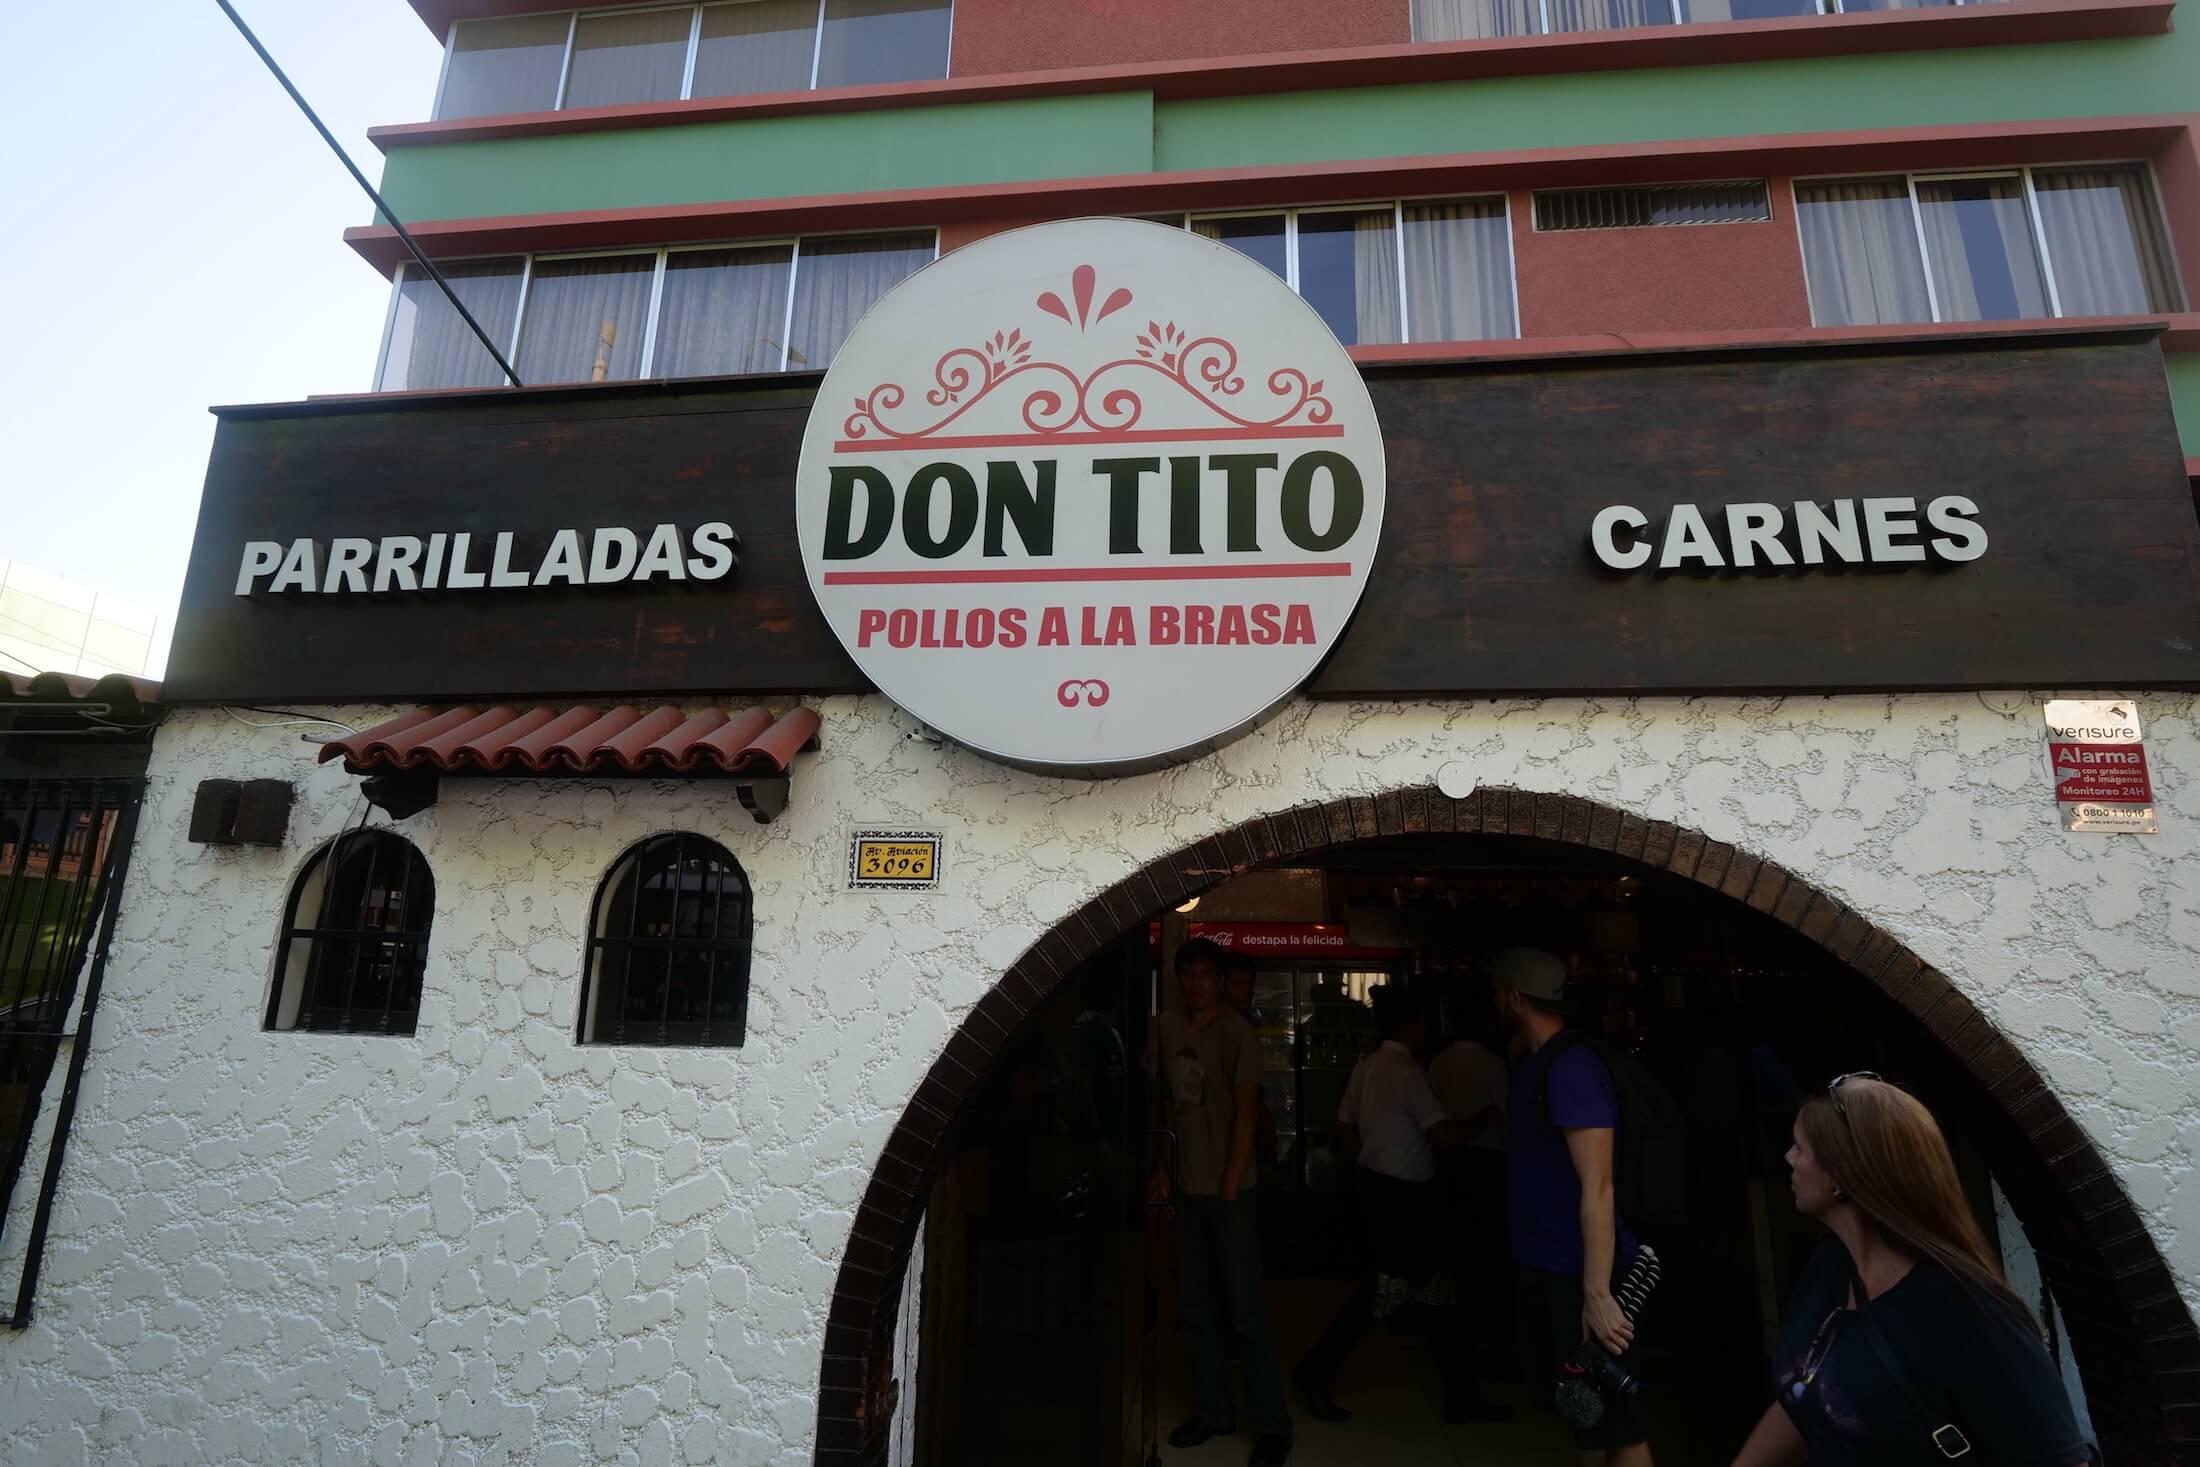 Don Tito's Pollos a la Brasa restaurant front view